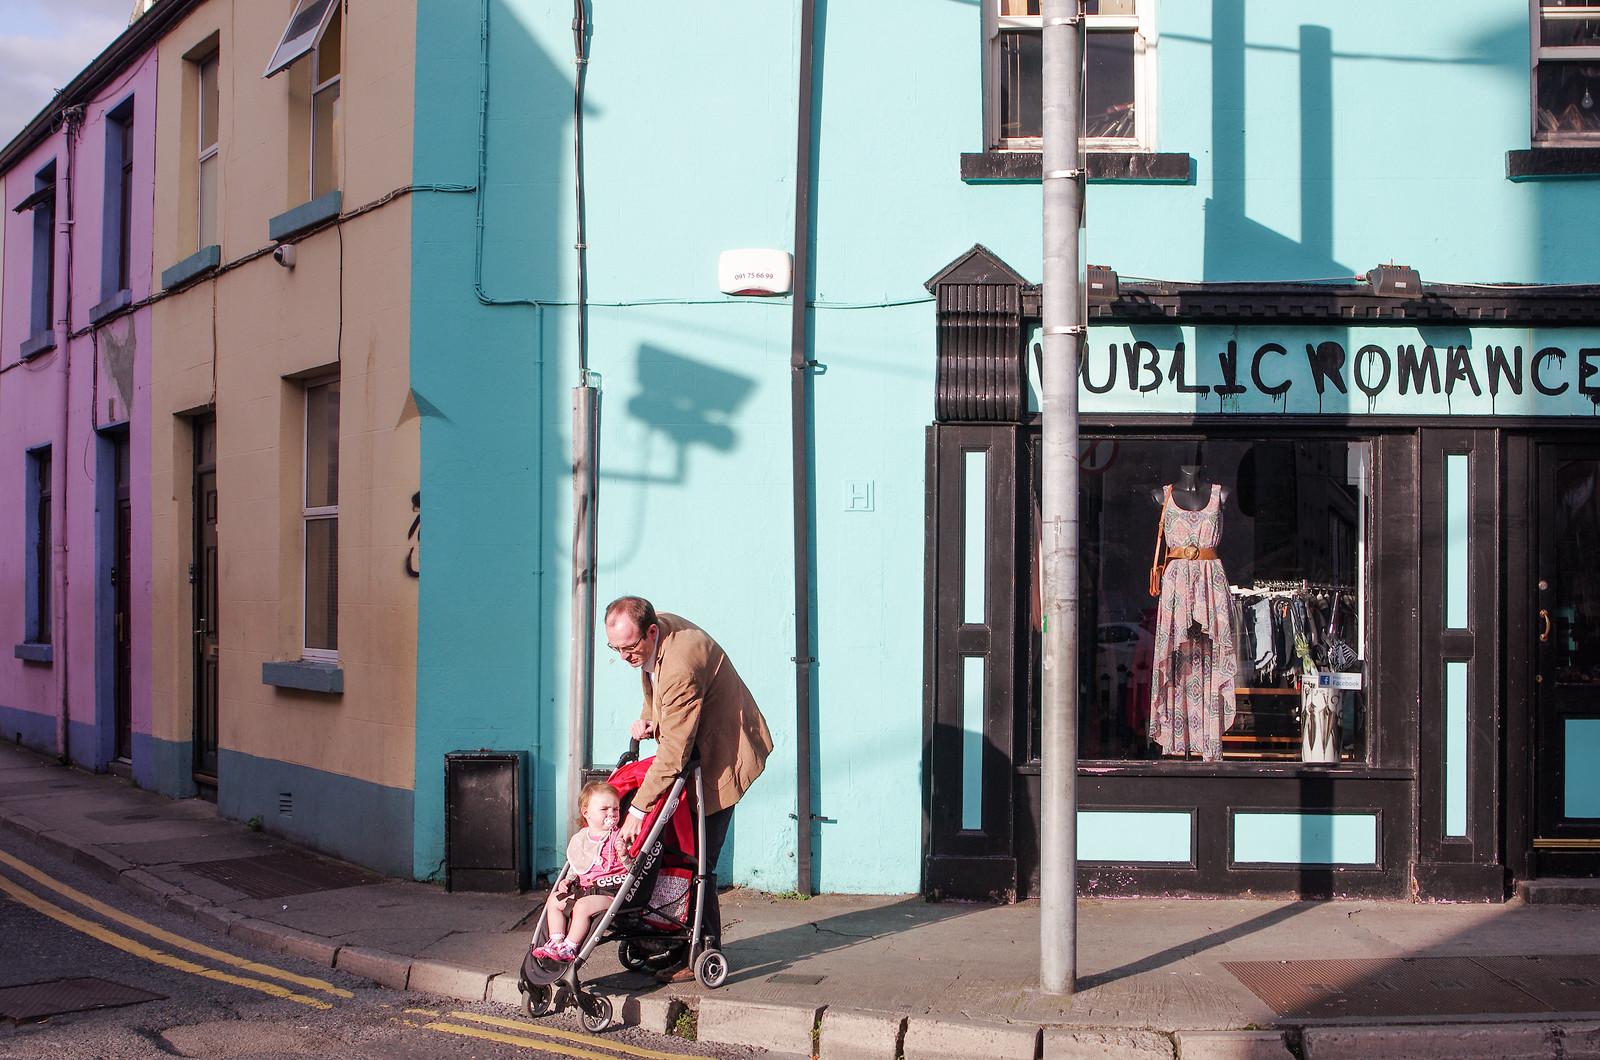 Galway - Public romance